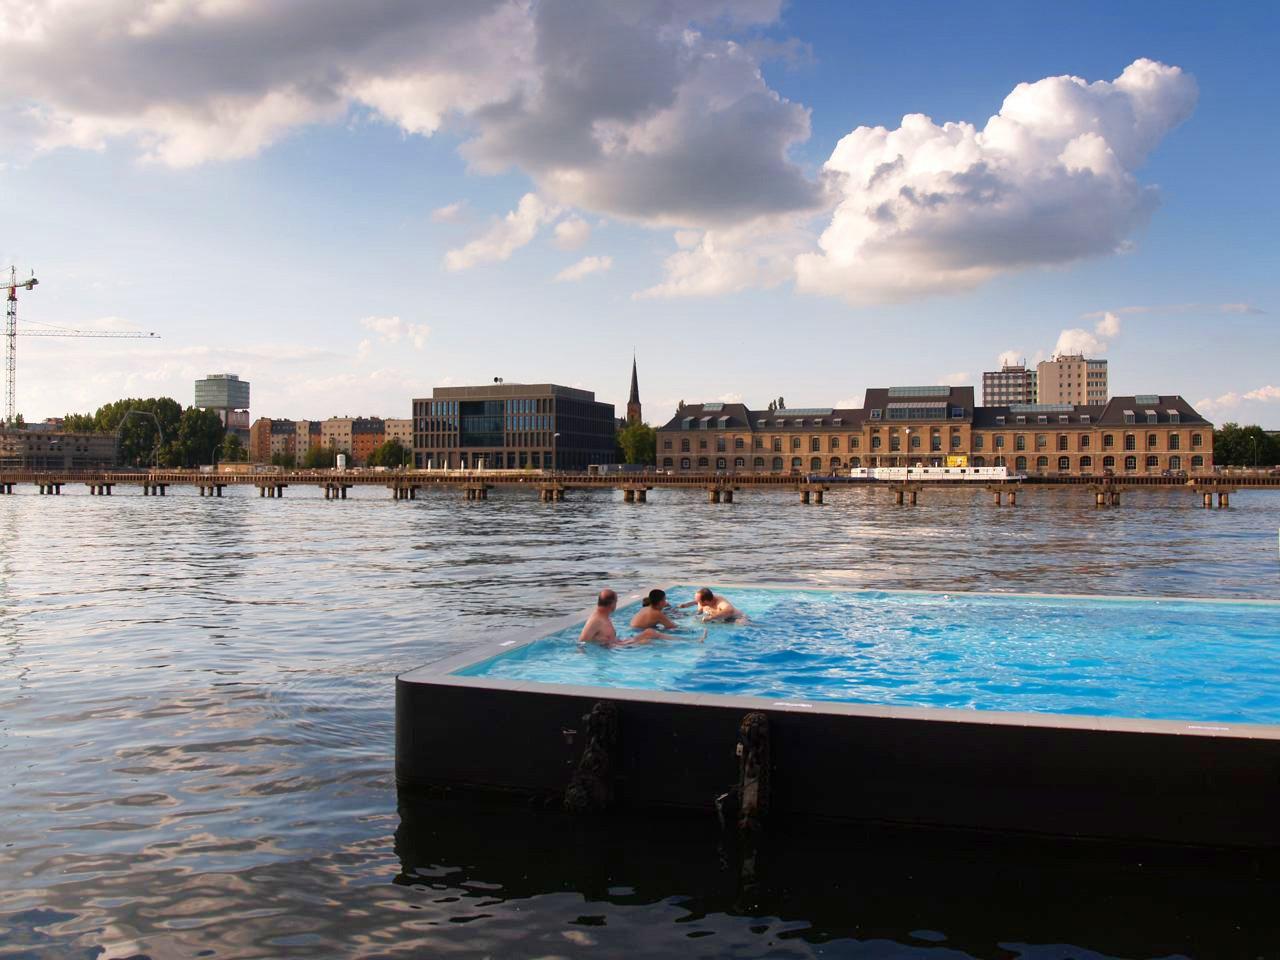 renolit пленки для бассейнов из ПВХ в Краснодаре